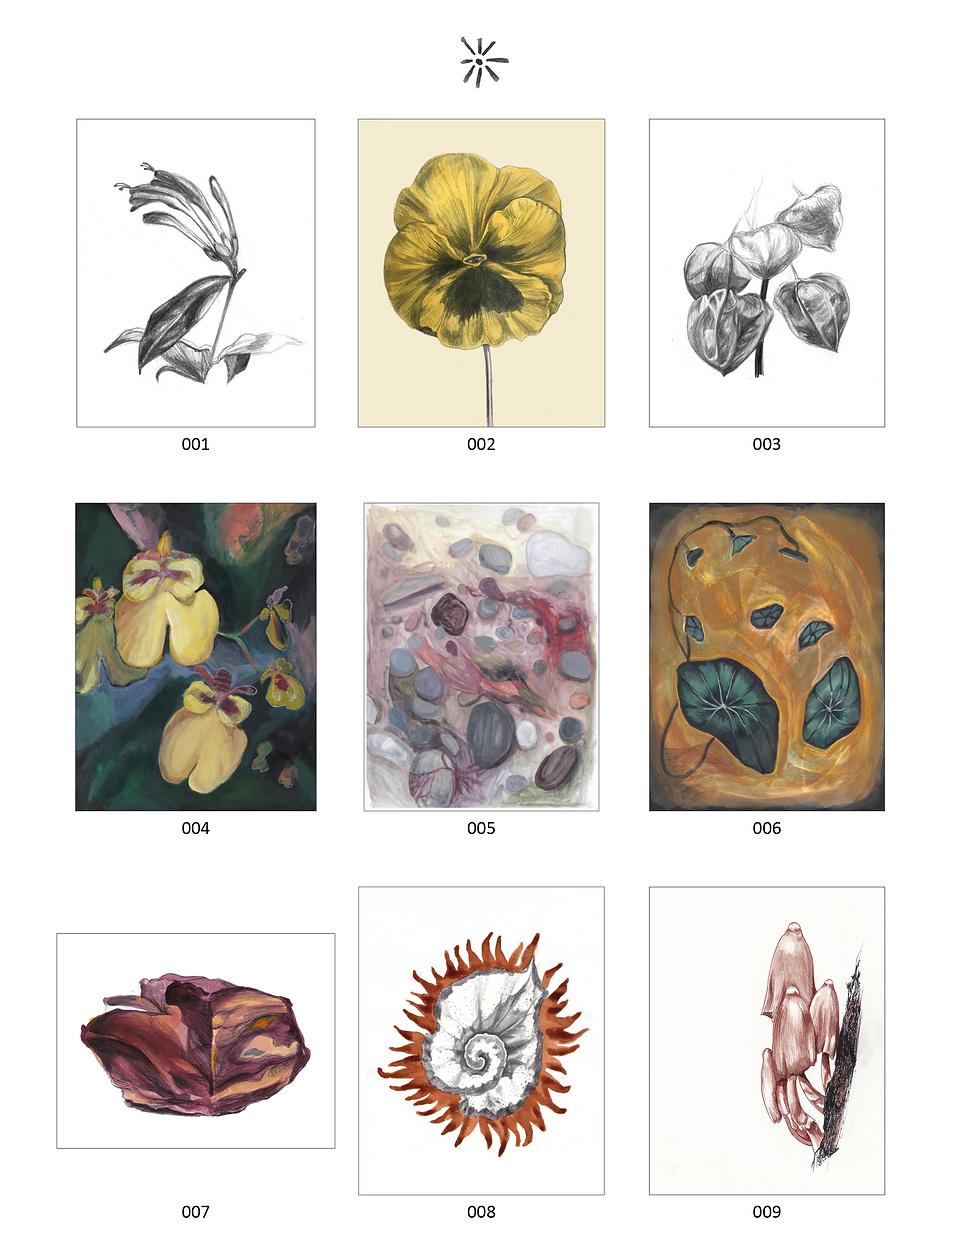 dpolselli_prints-1 copy.png